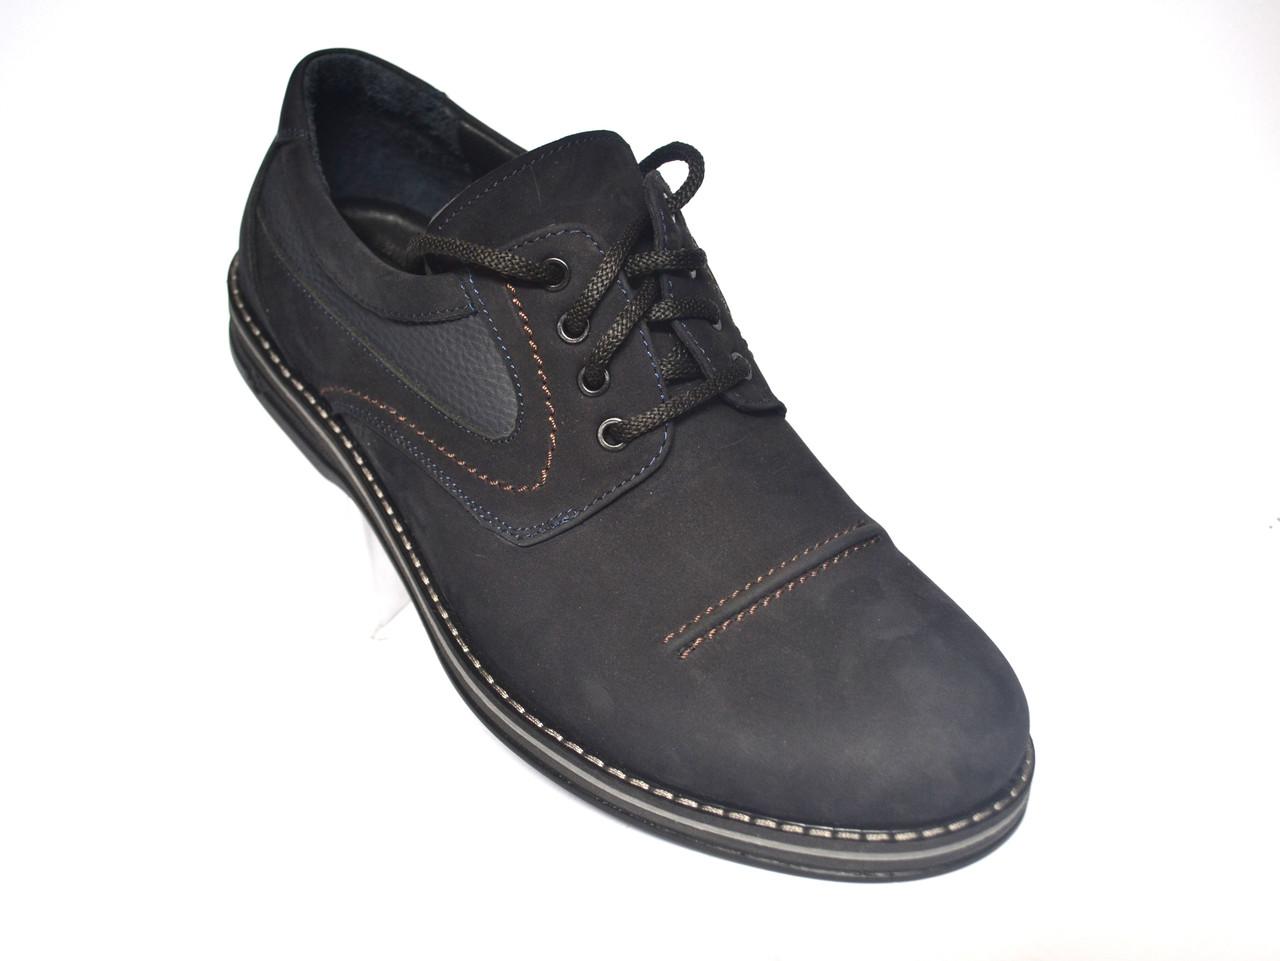 Большой размер полуботинки мужские кожаные нубук Rosso Avangard BS Winterprince NUB  черные